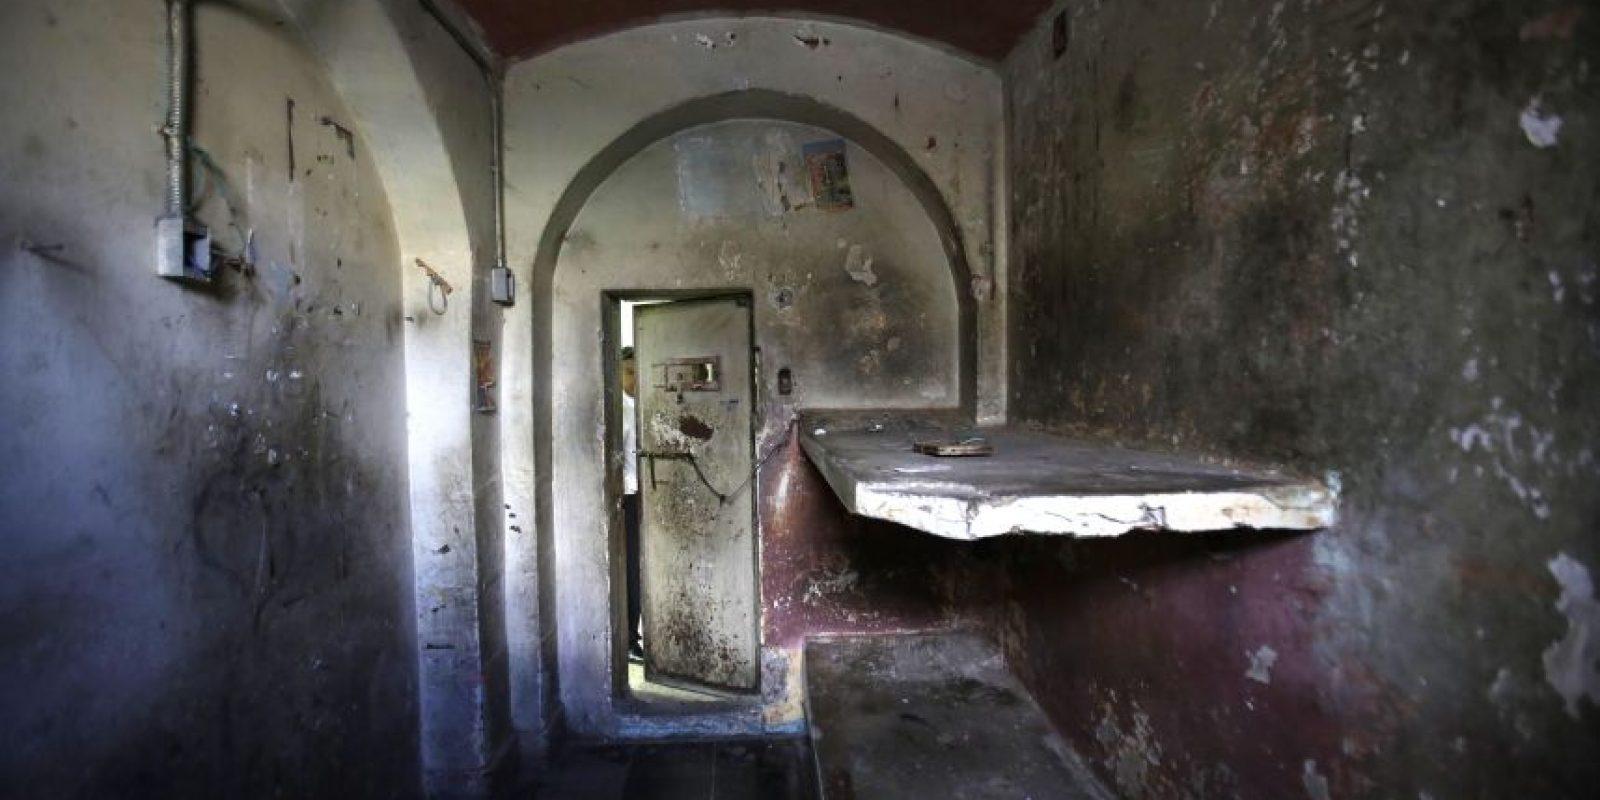 """En esta imagen del 7 de abril, un turista asoma a través de la puerta de una celda en la ahora vacía prisión García Moreno durante una visita guiada al público en Quito, Ecuador. Según los guías, esta celda tenía el apodo de """"Los polillas"""". Aquí, en una celda diseñada para dos reos, la pandilla que controlaba la vida del penal encerraba por la noche a unos 15 internos adictos a las drogas. Los presos también se prostituían para conseguir acceso a drogas. Foto:AP/ Dolores Ochoa"""